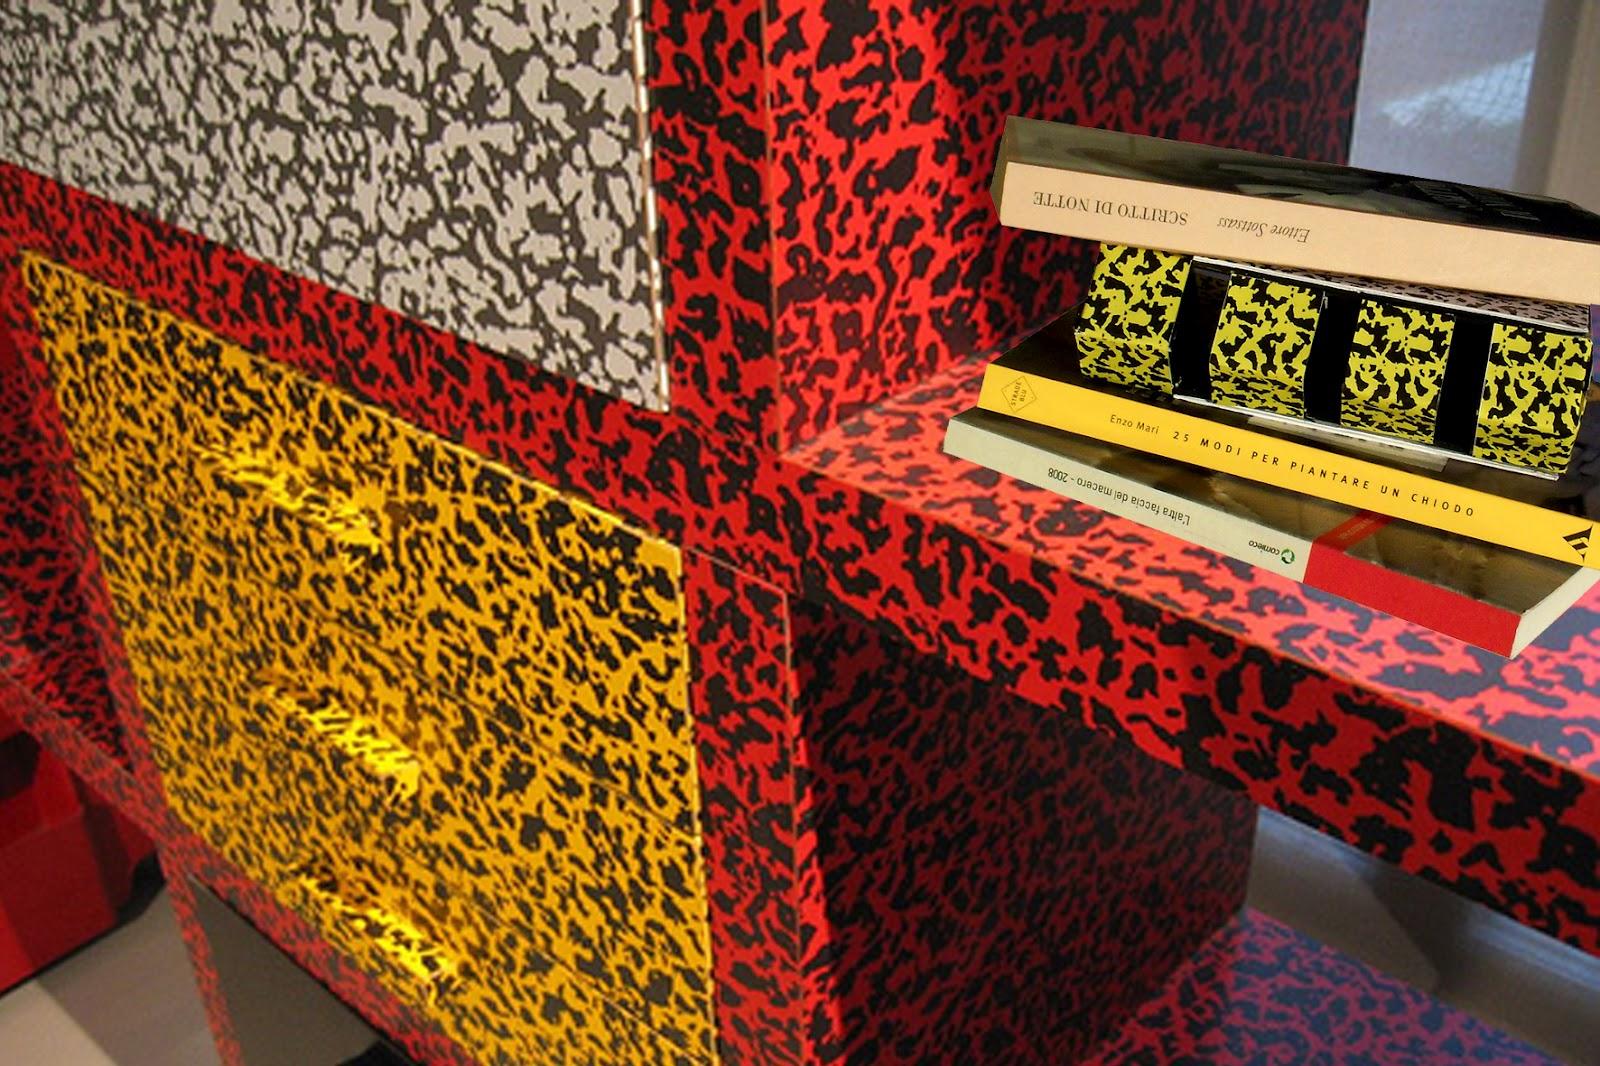 Rivestimento Casablanca : Cecilia polidori twice design 2: casablanca handmadebook